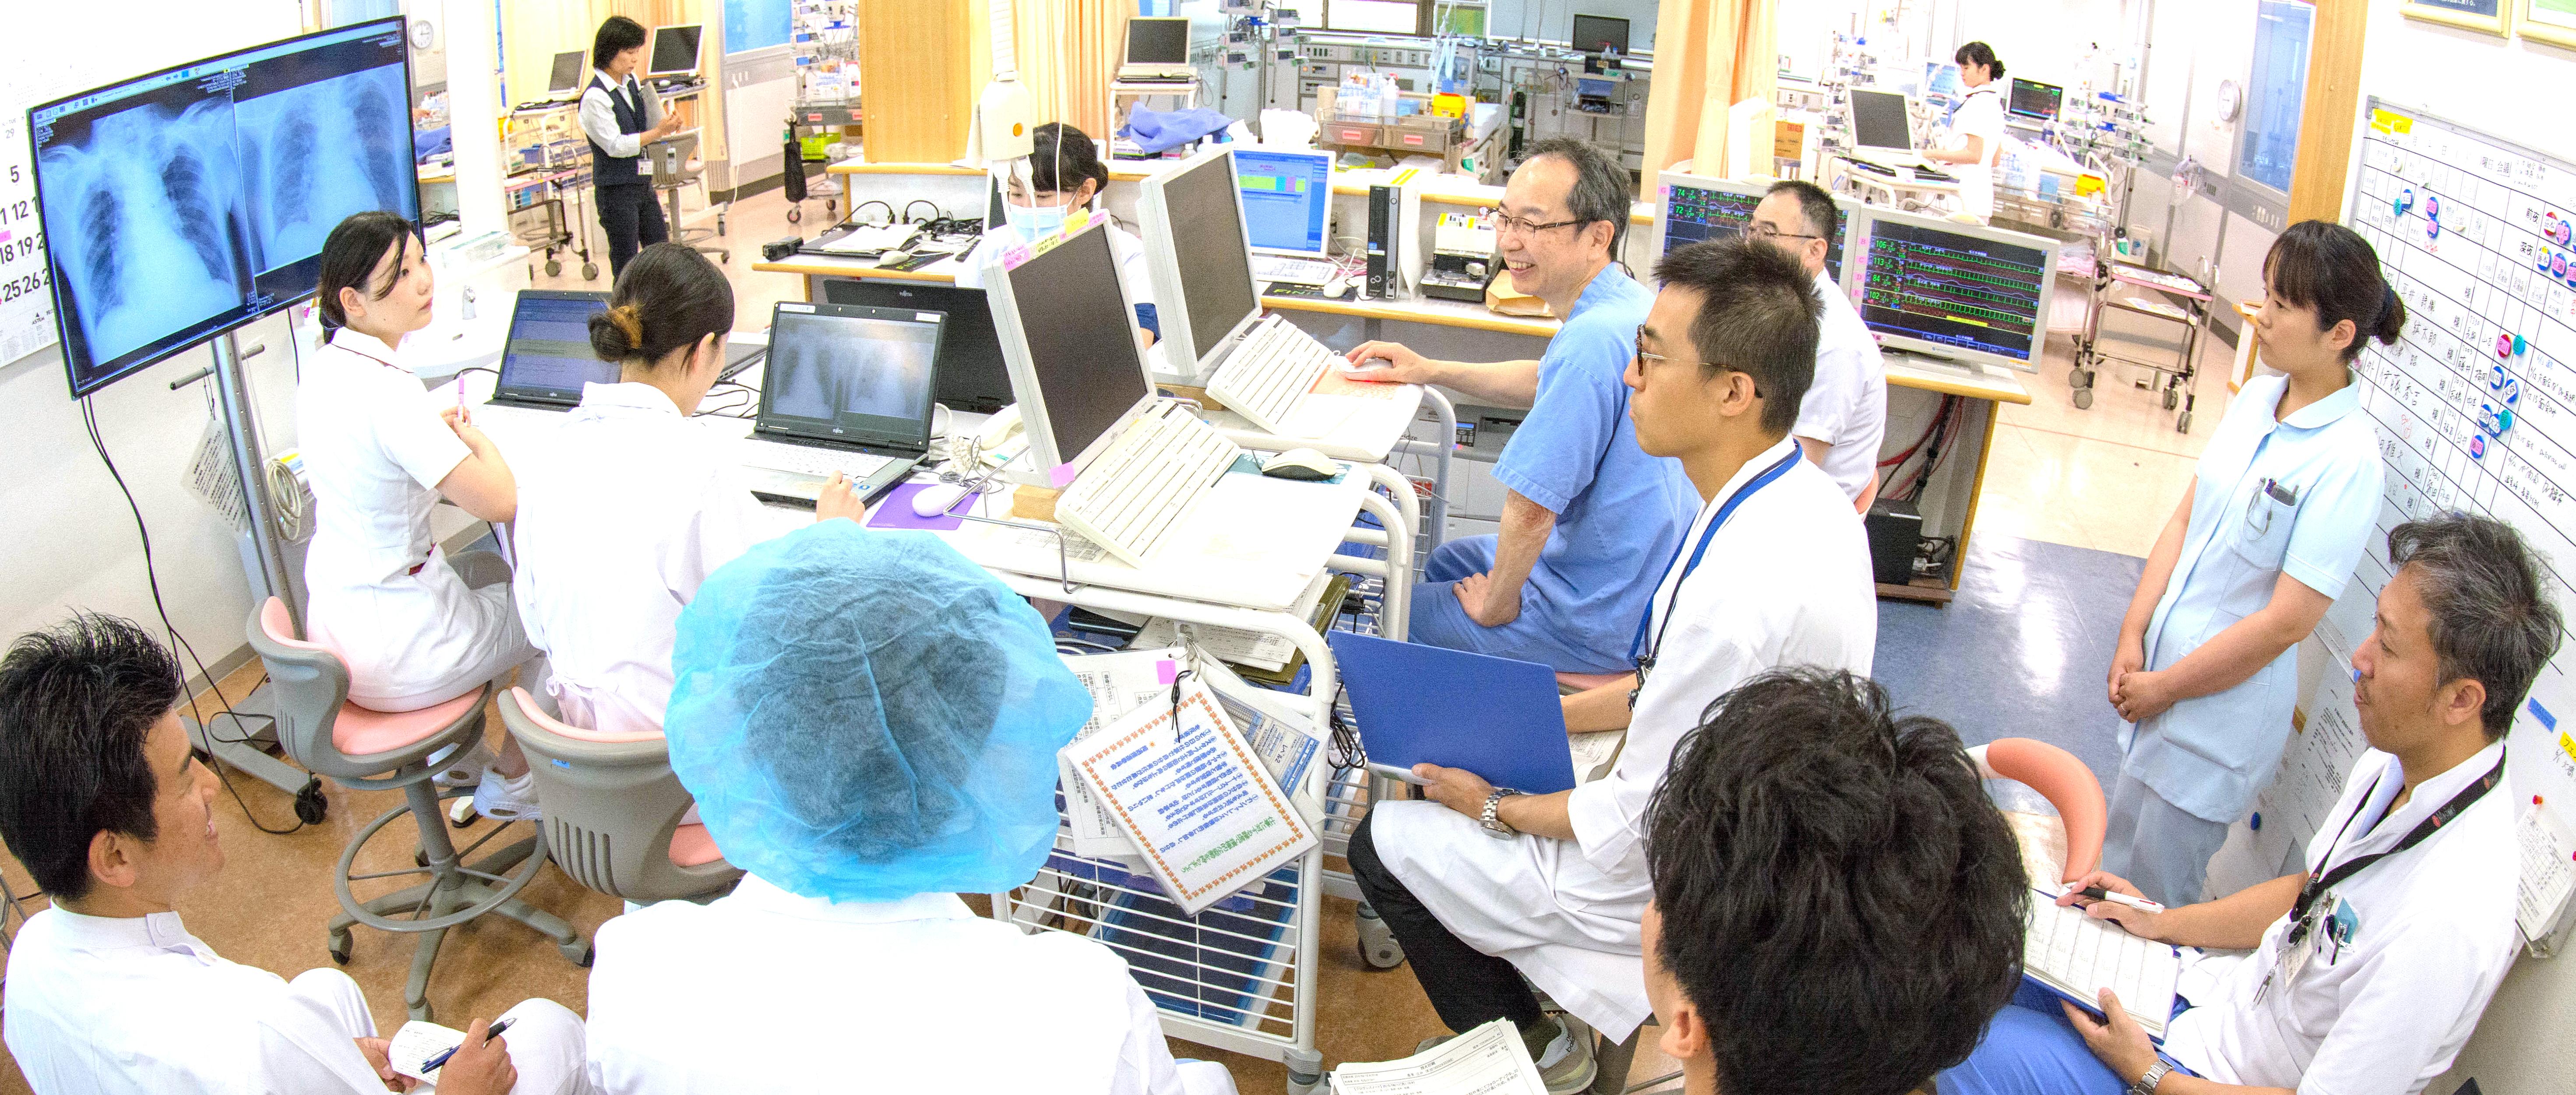 ICUの医師や看護師によるミーティング風景